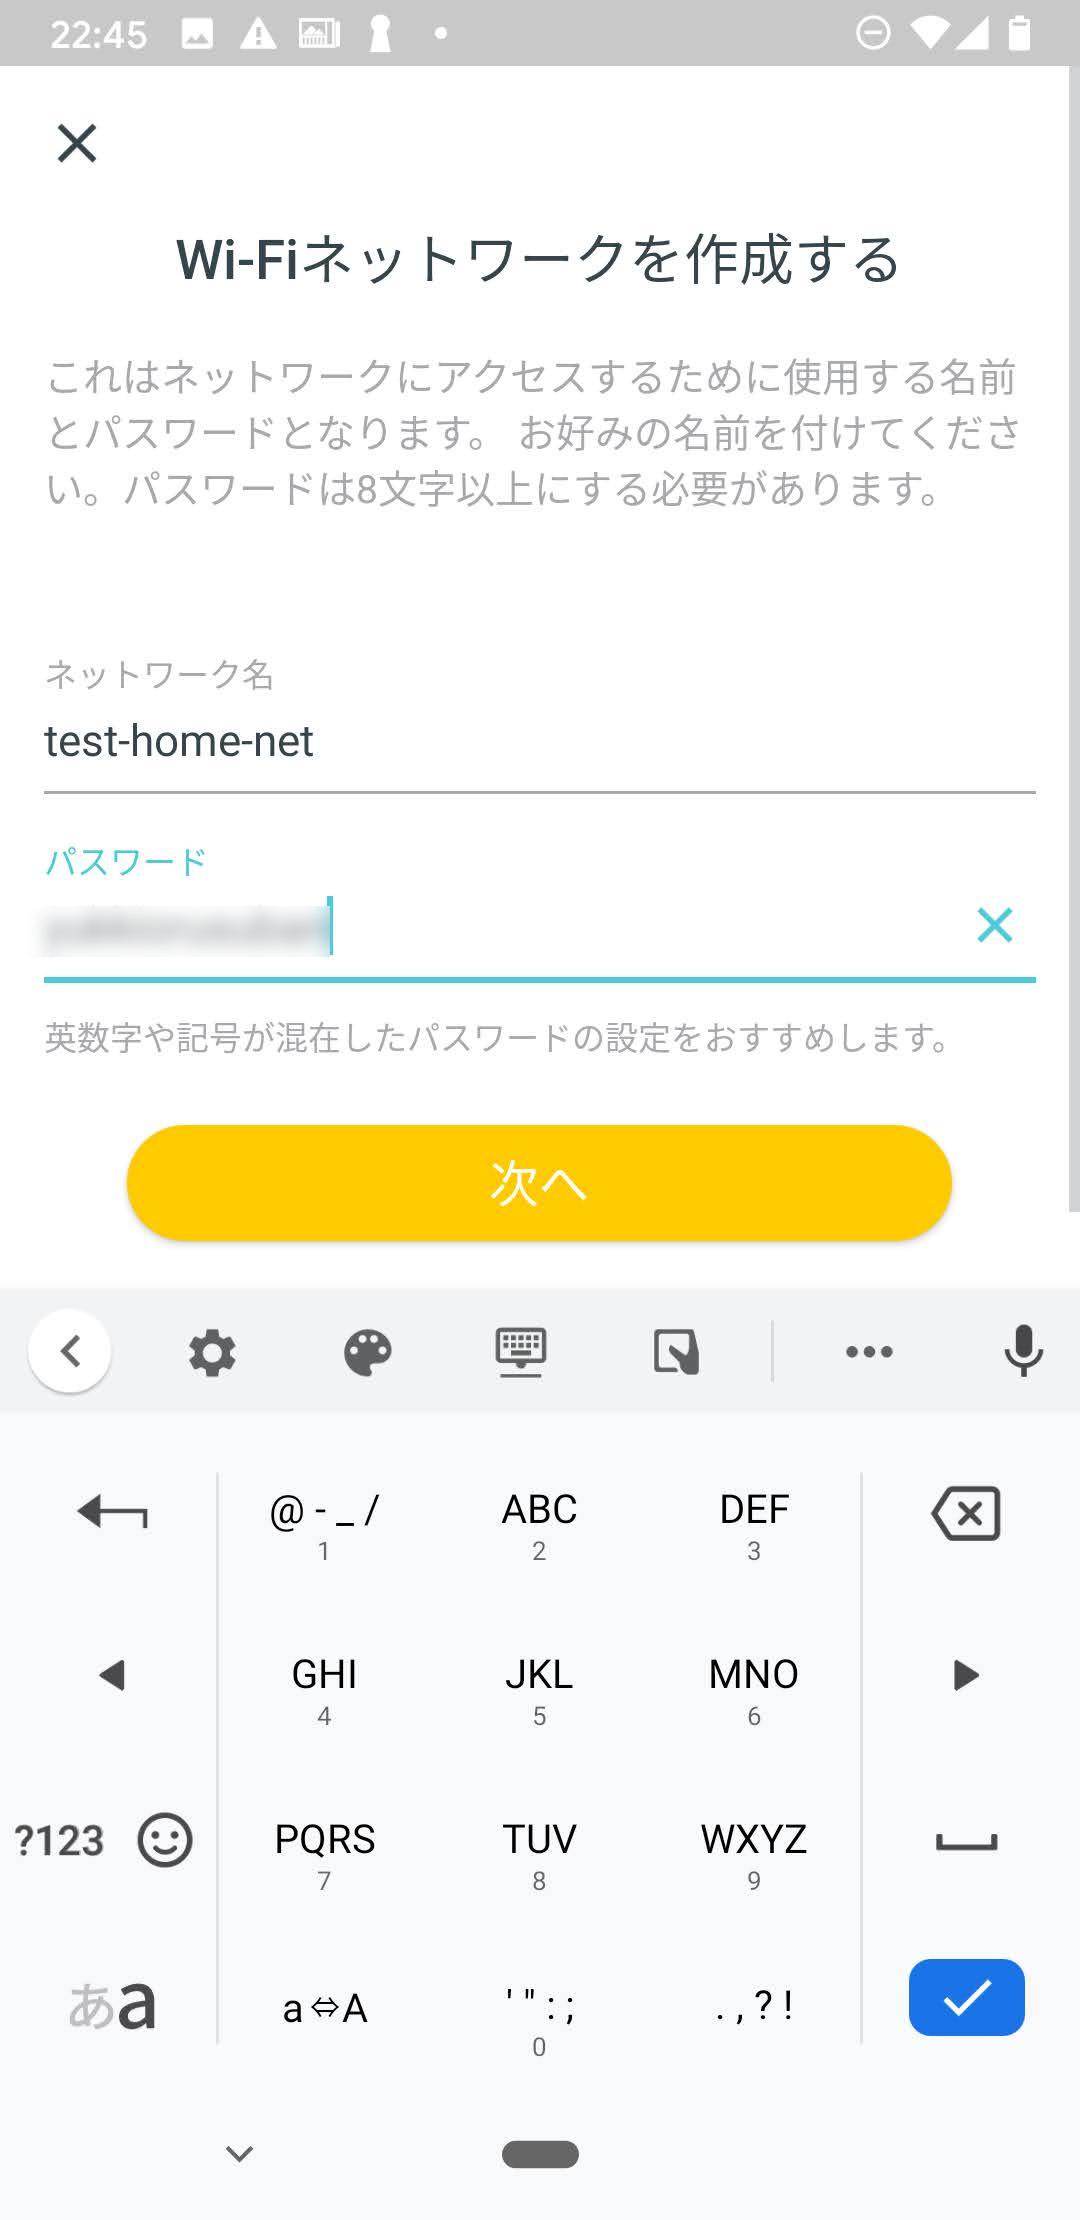 Wi-Fiのネットワーク名とパスワードを設定